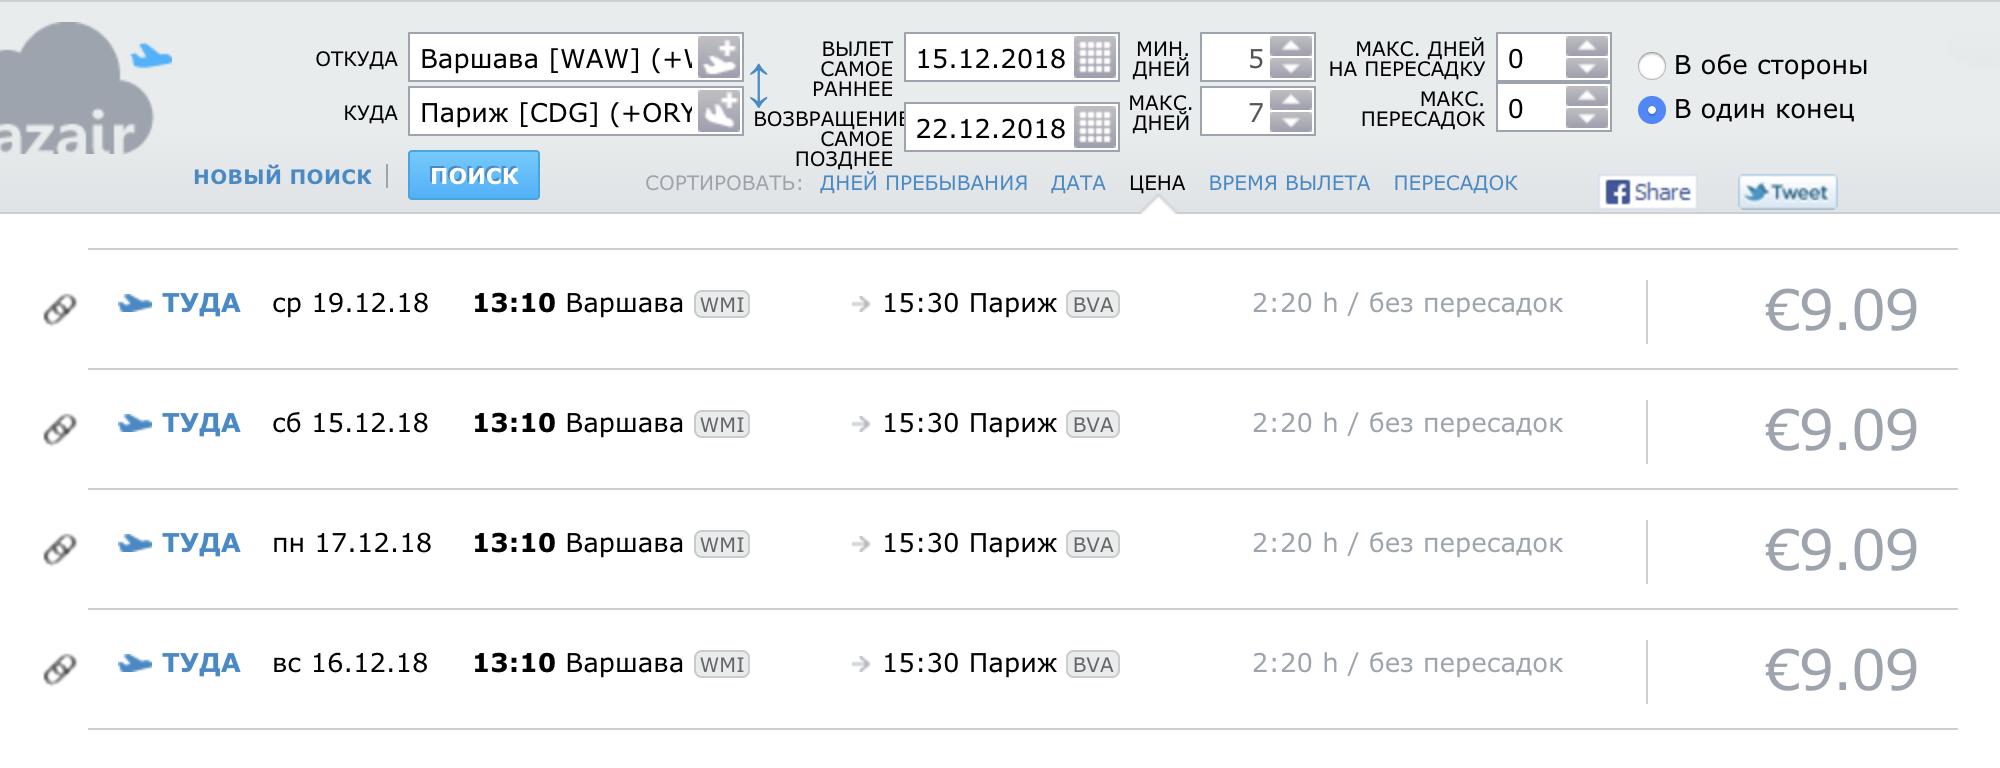 Билет Варшава — Париж в одну сторону можно купить за 9,09€